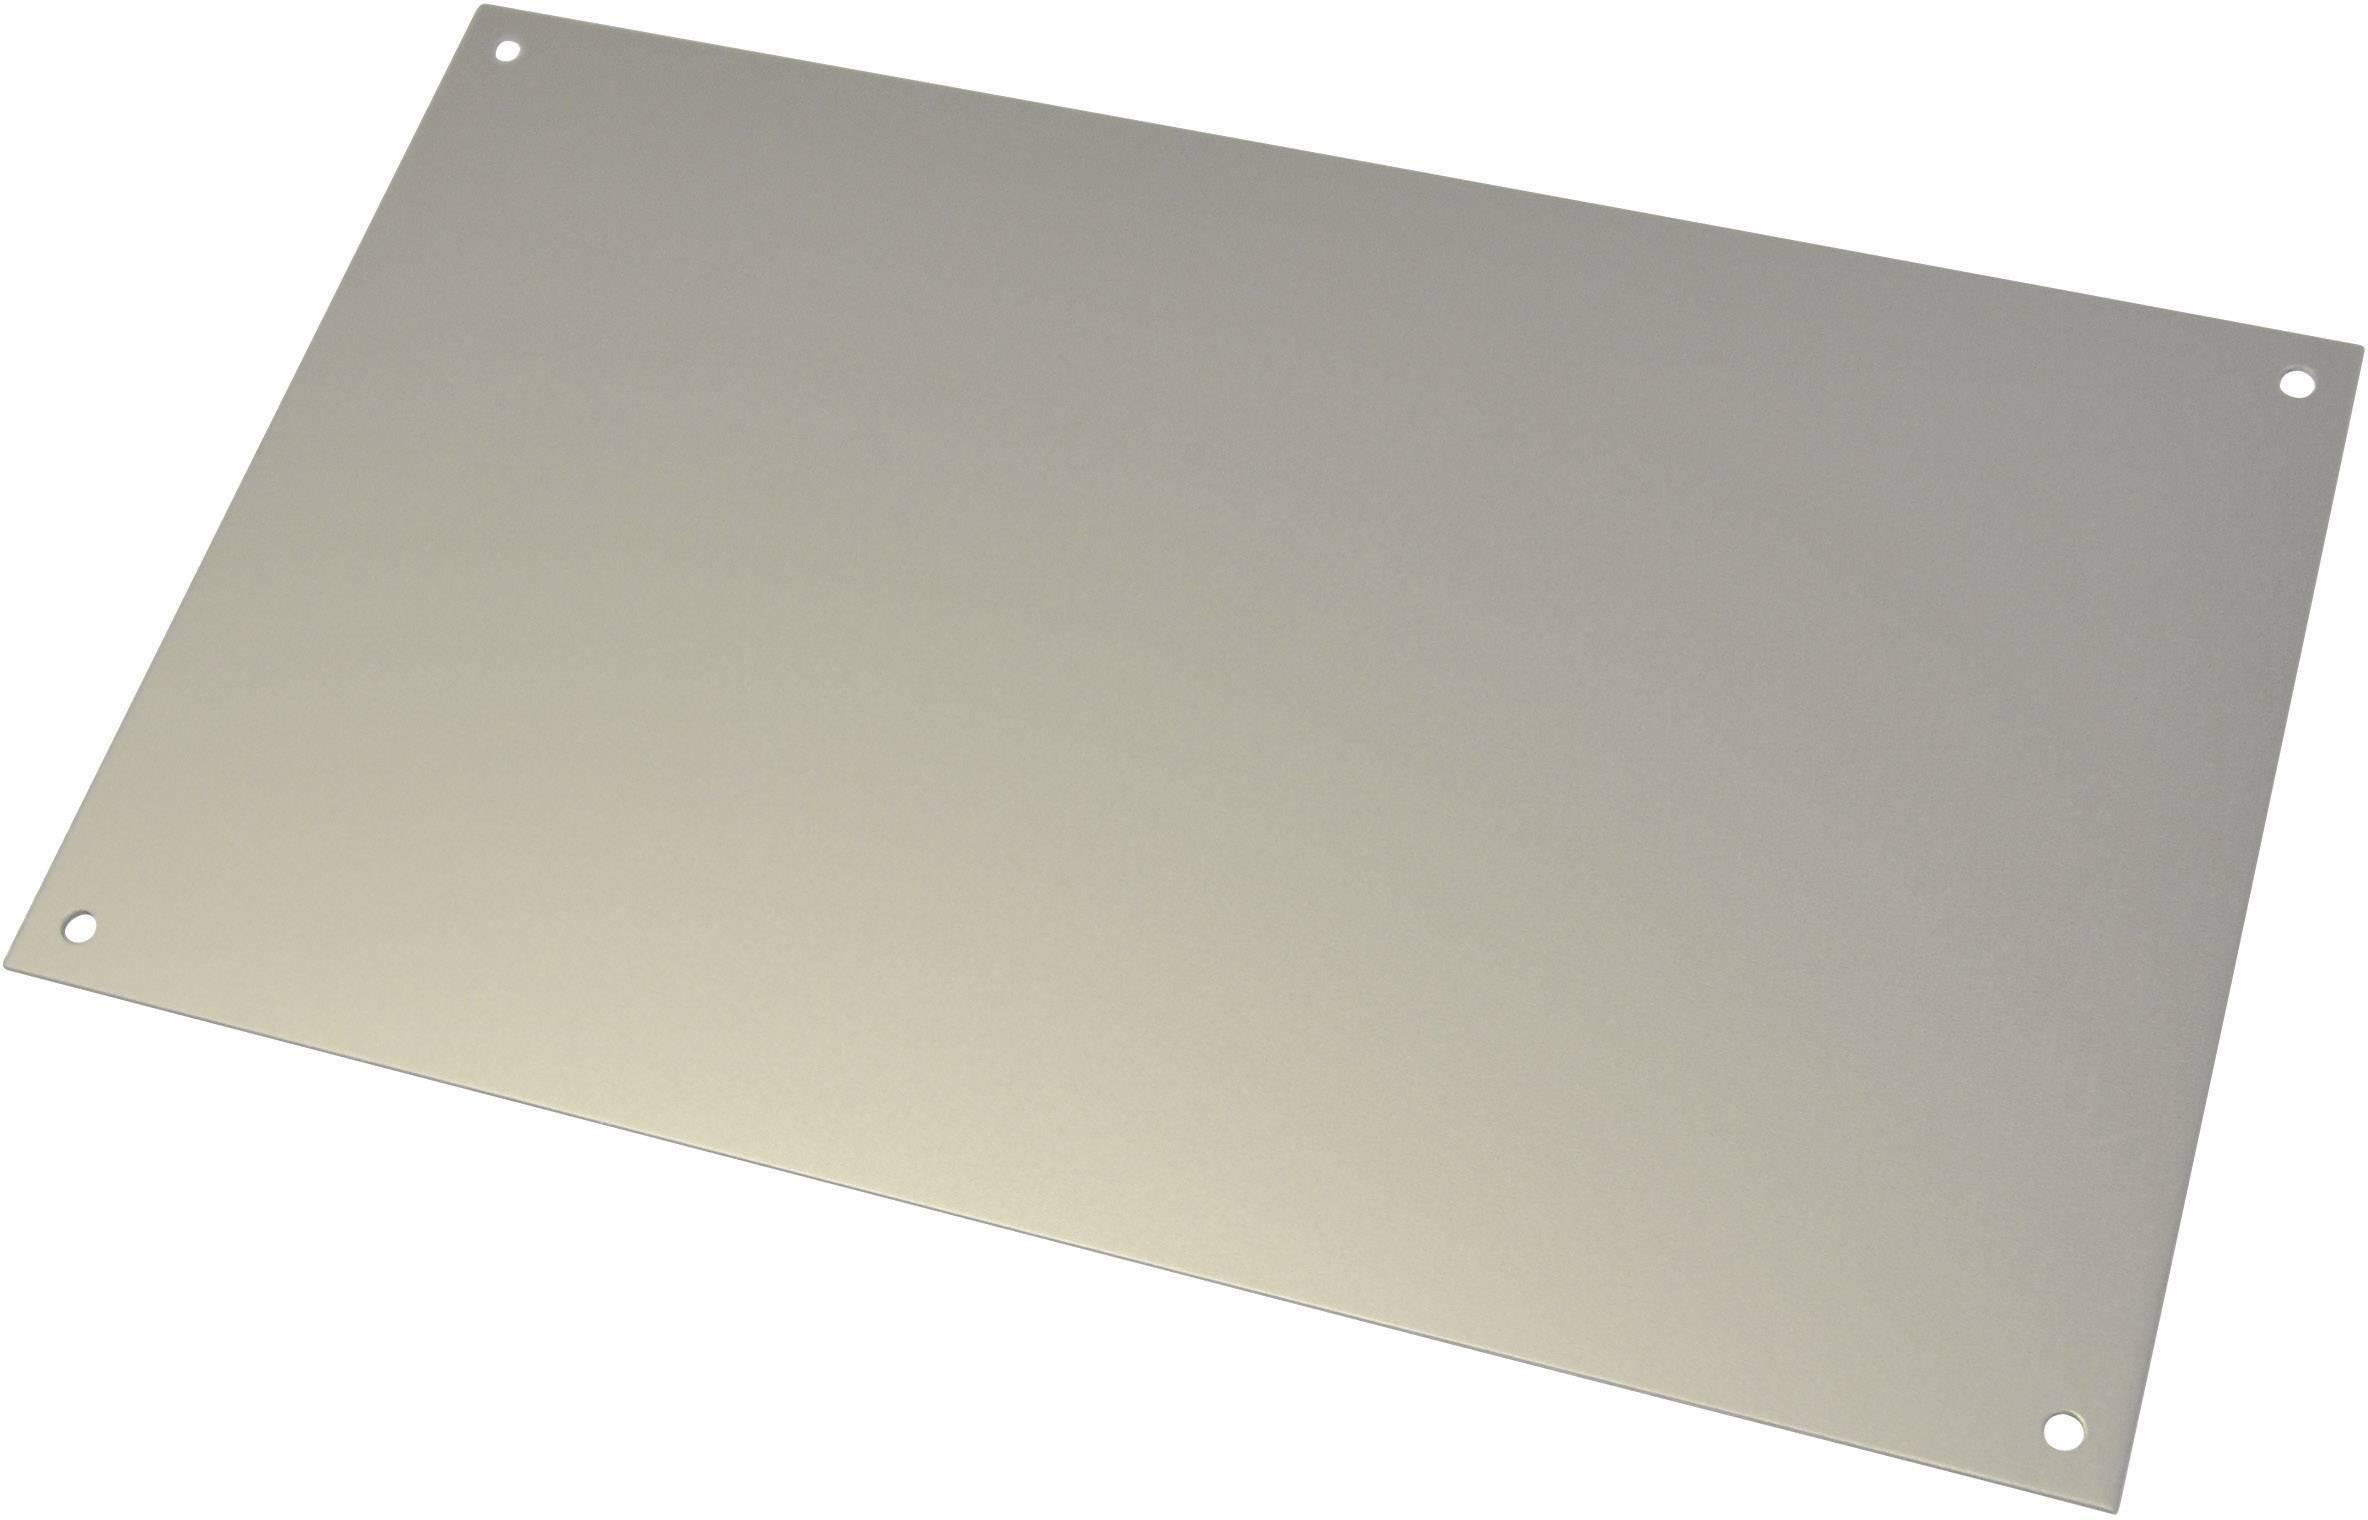 Čelný panel Bopla FAE310/350, hliník, hliník, 1 ks